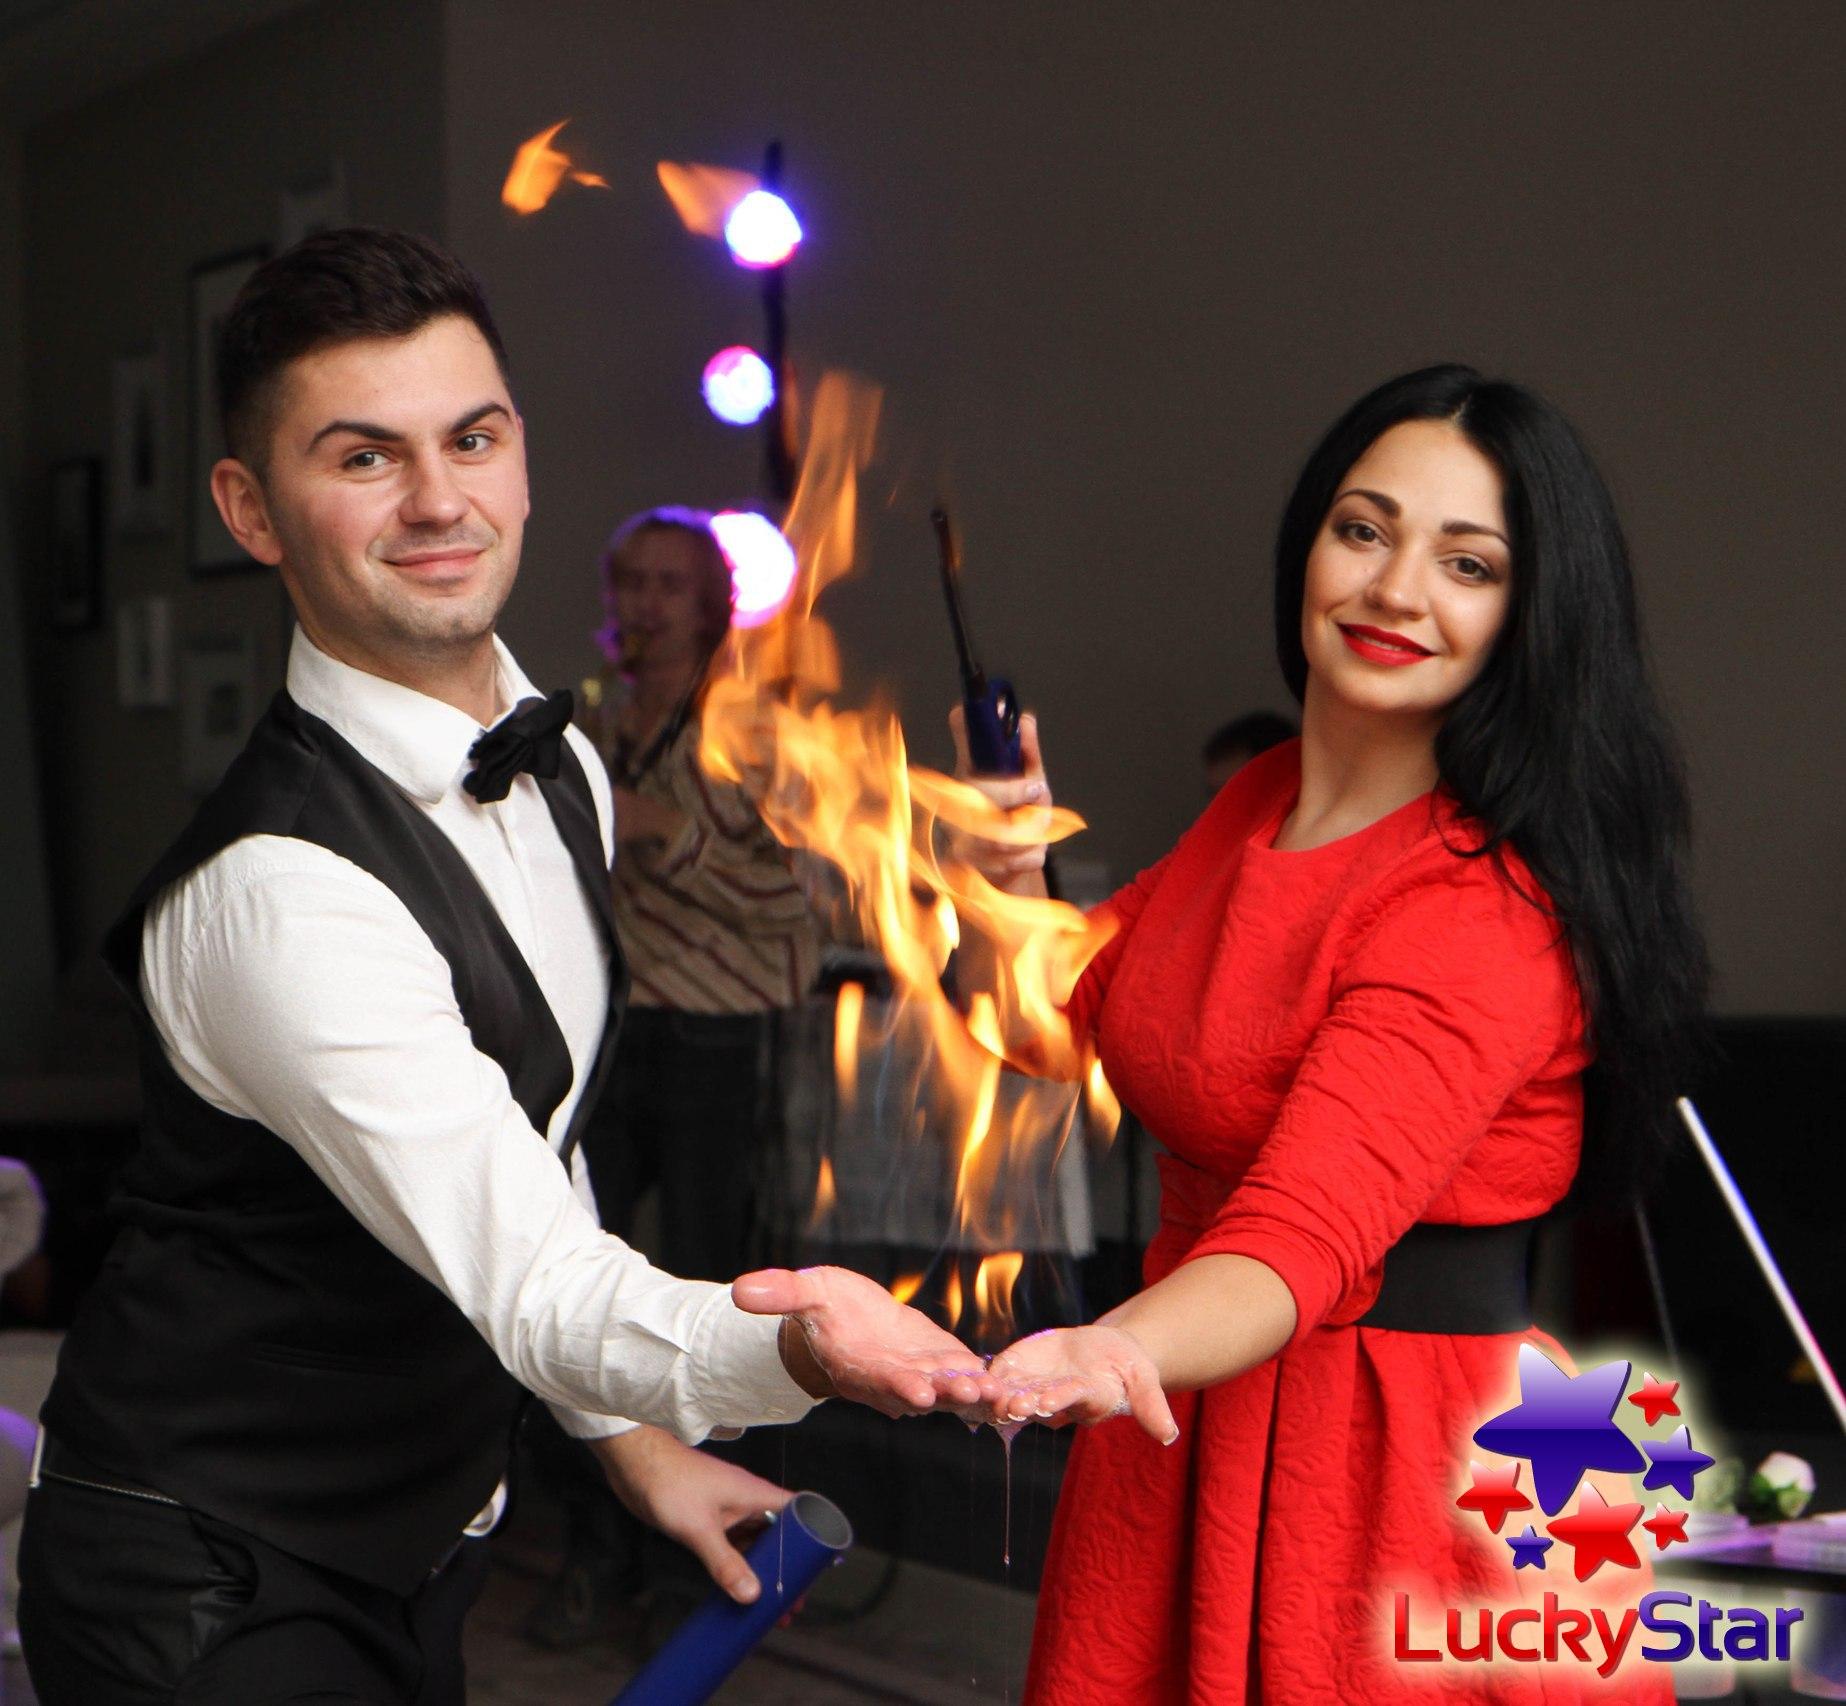 Шоу гигантских мыльных пузырей «Lucky star» в Таганроге